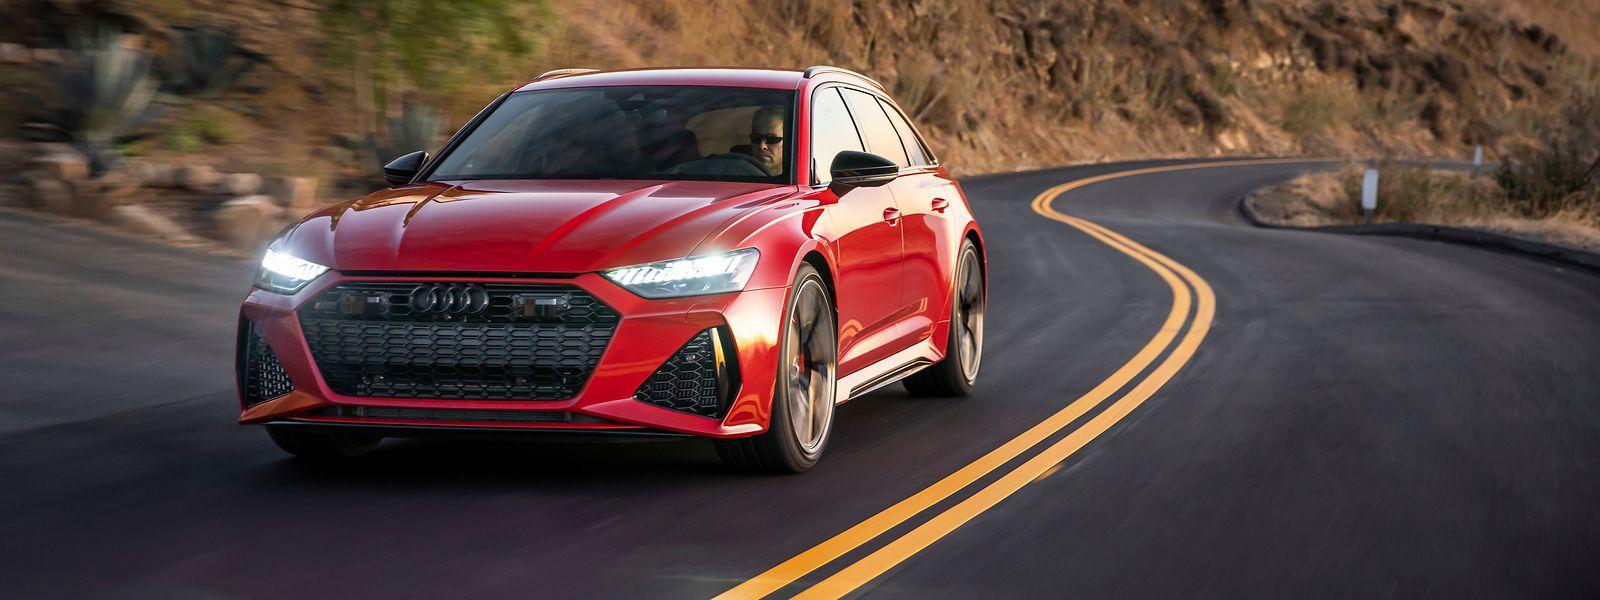 Der neue Audi RS 6 Avant soll nahtlos an die Erfolge seiner Vorgänger anknüpfen und wird erstmals auch in Nordamerika verkauft.